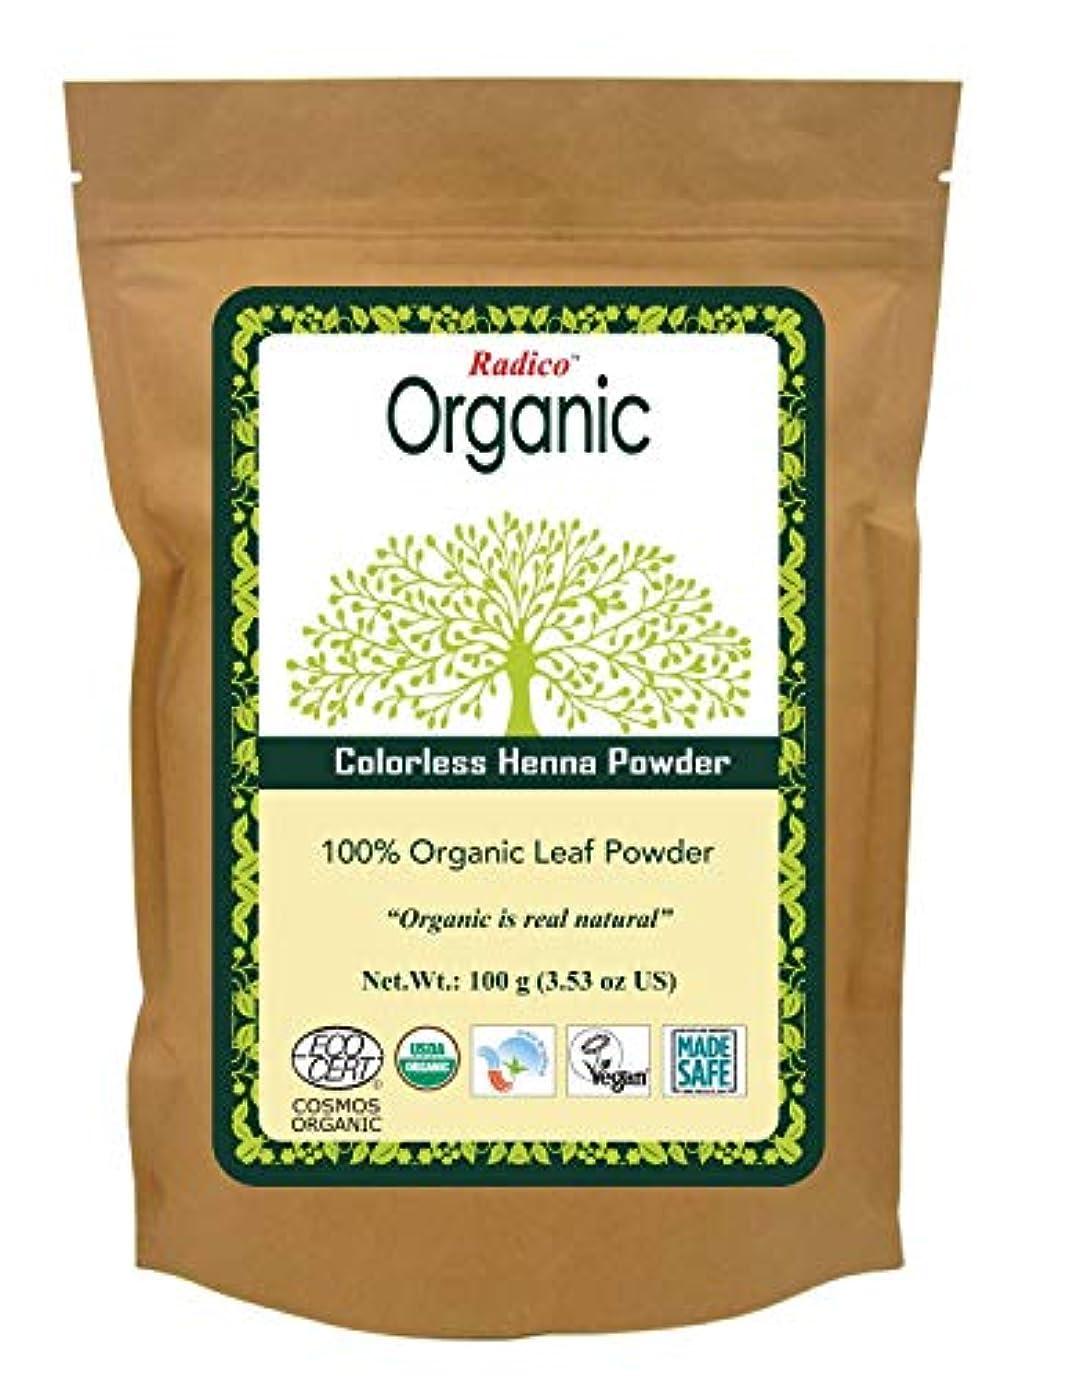 イタリックベジタリアン海洋のCOLOURME Organic (カラーミーオーガニック ヘナ ヘアトリートメント) クリア 100g